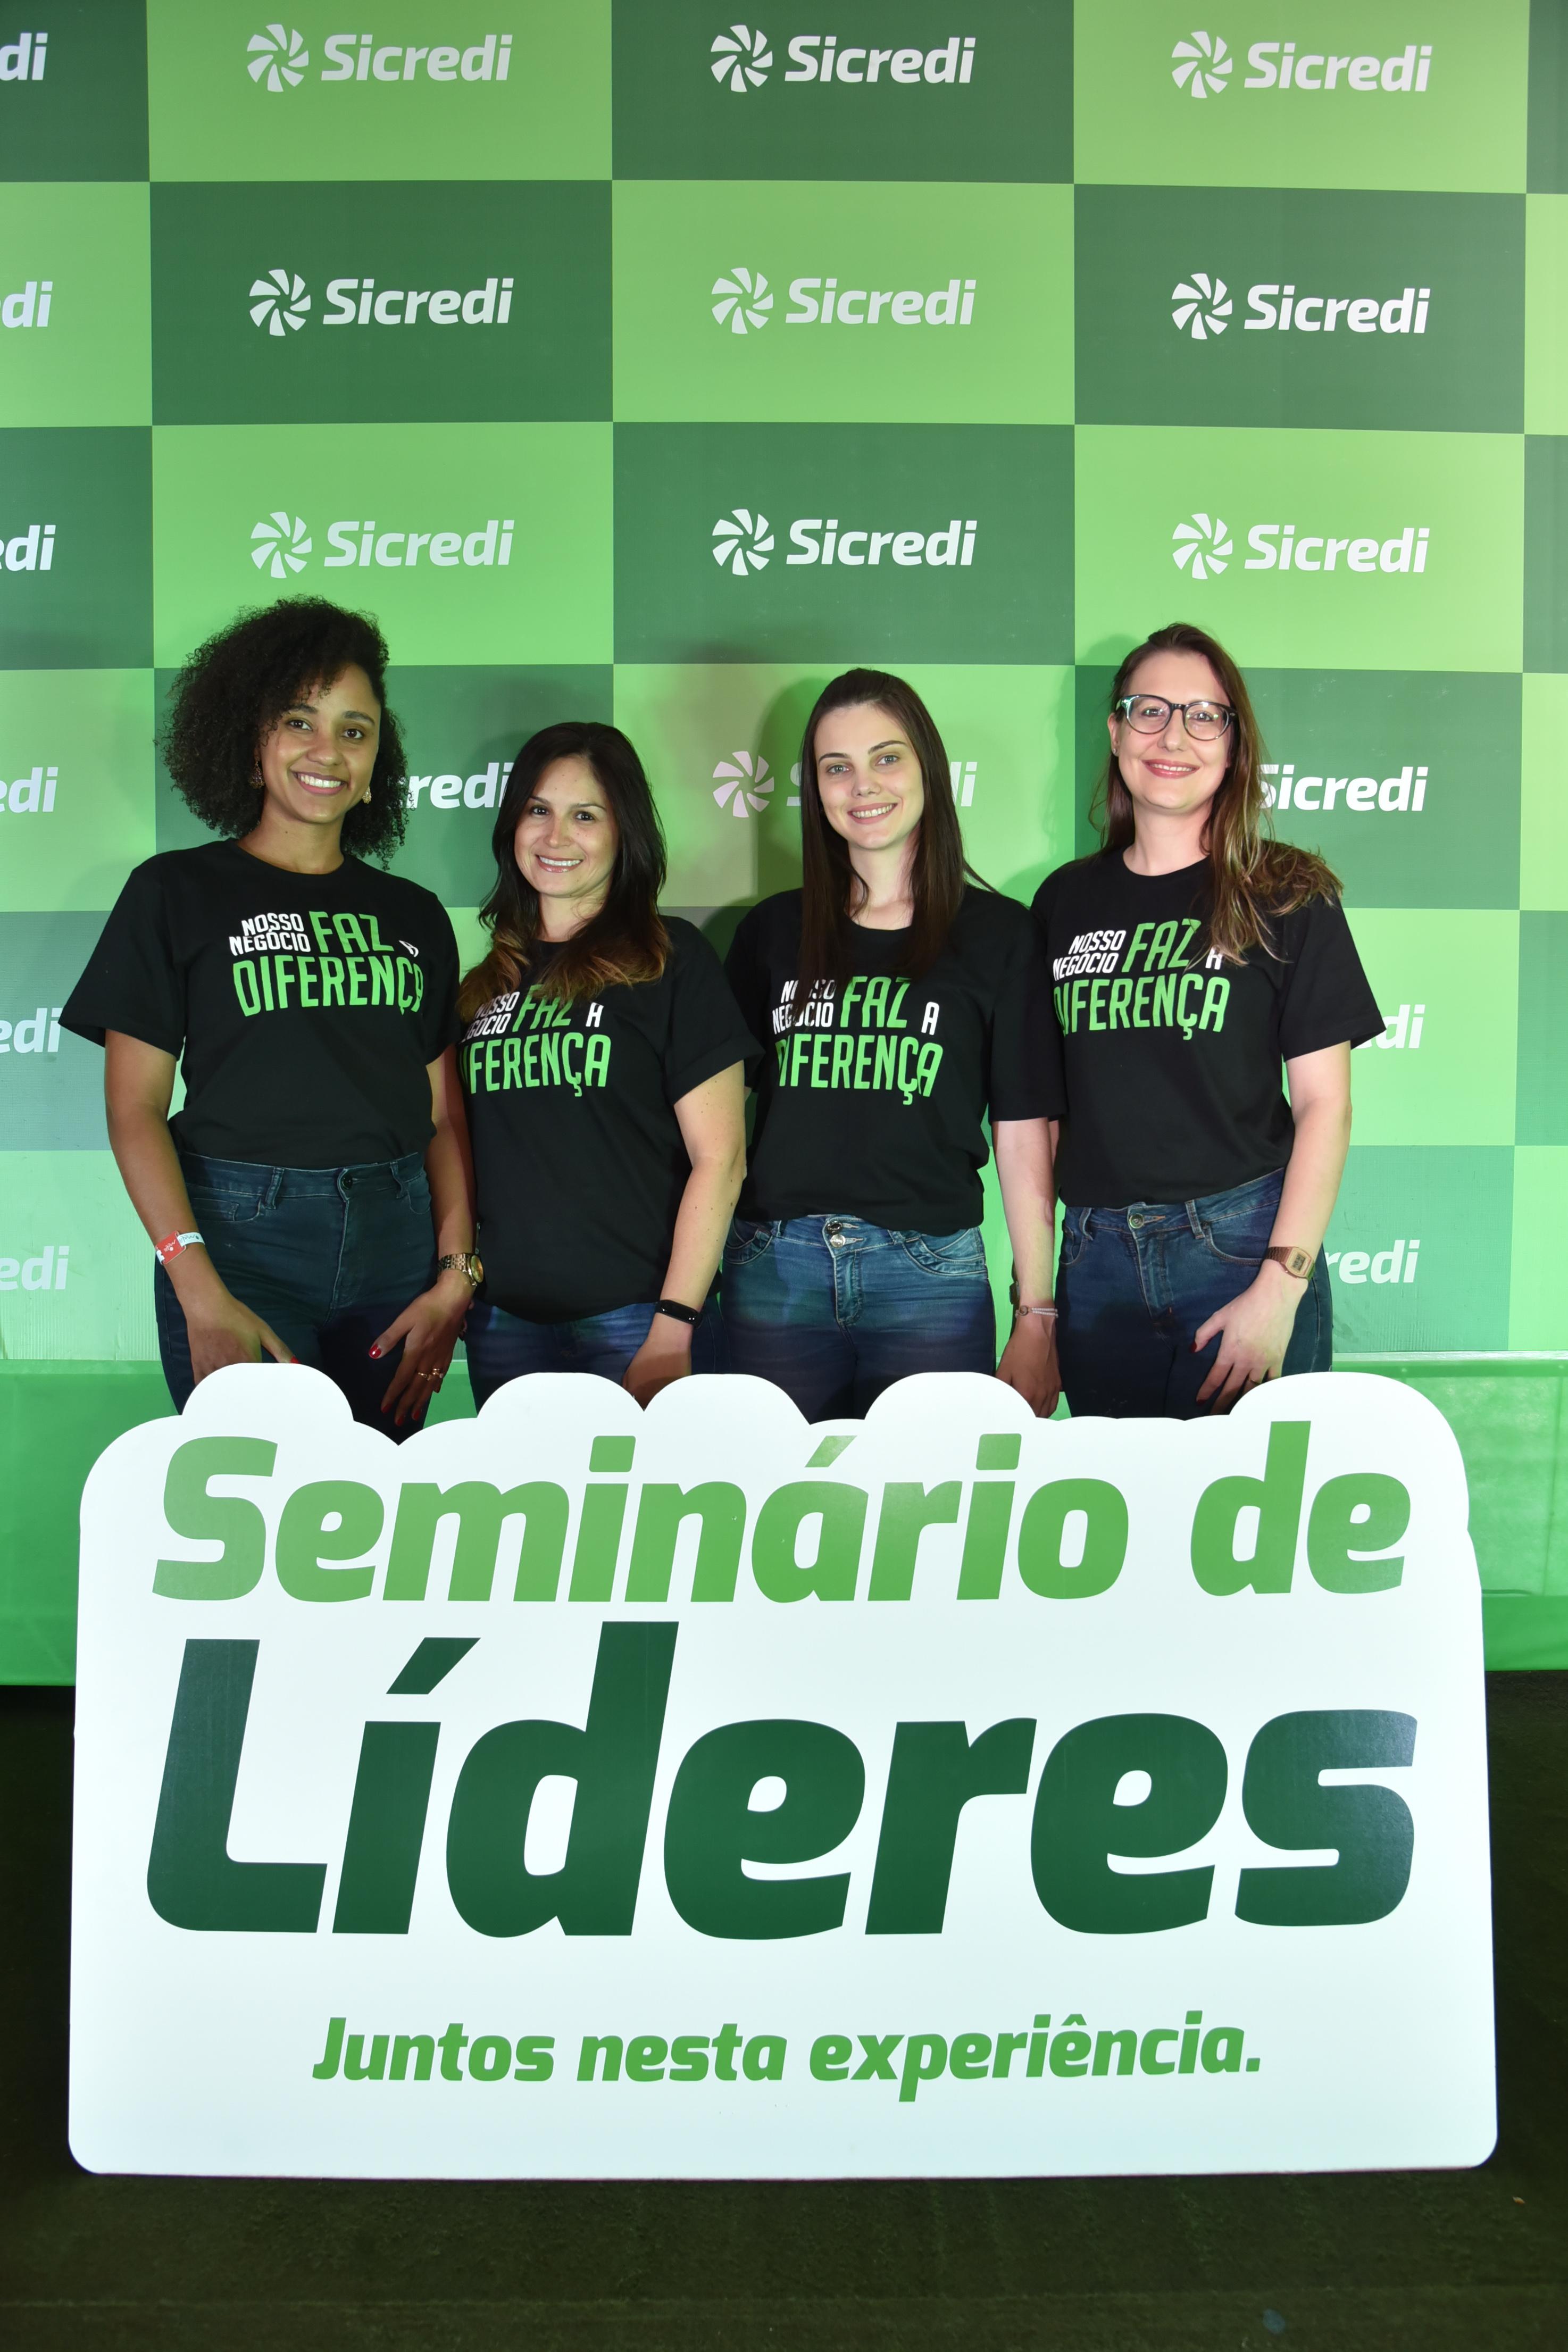 Seminário de Líderes - SICREDI  (8)